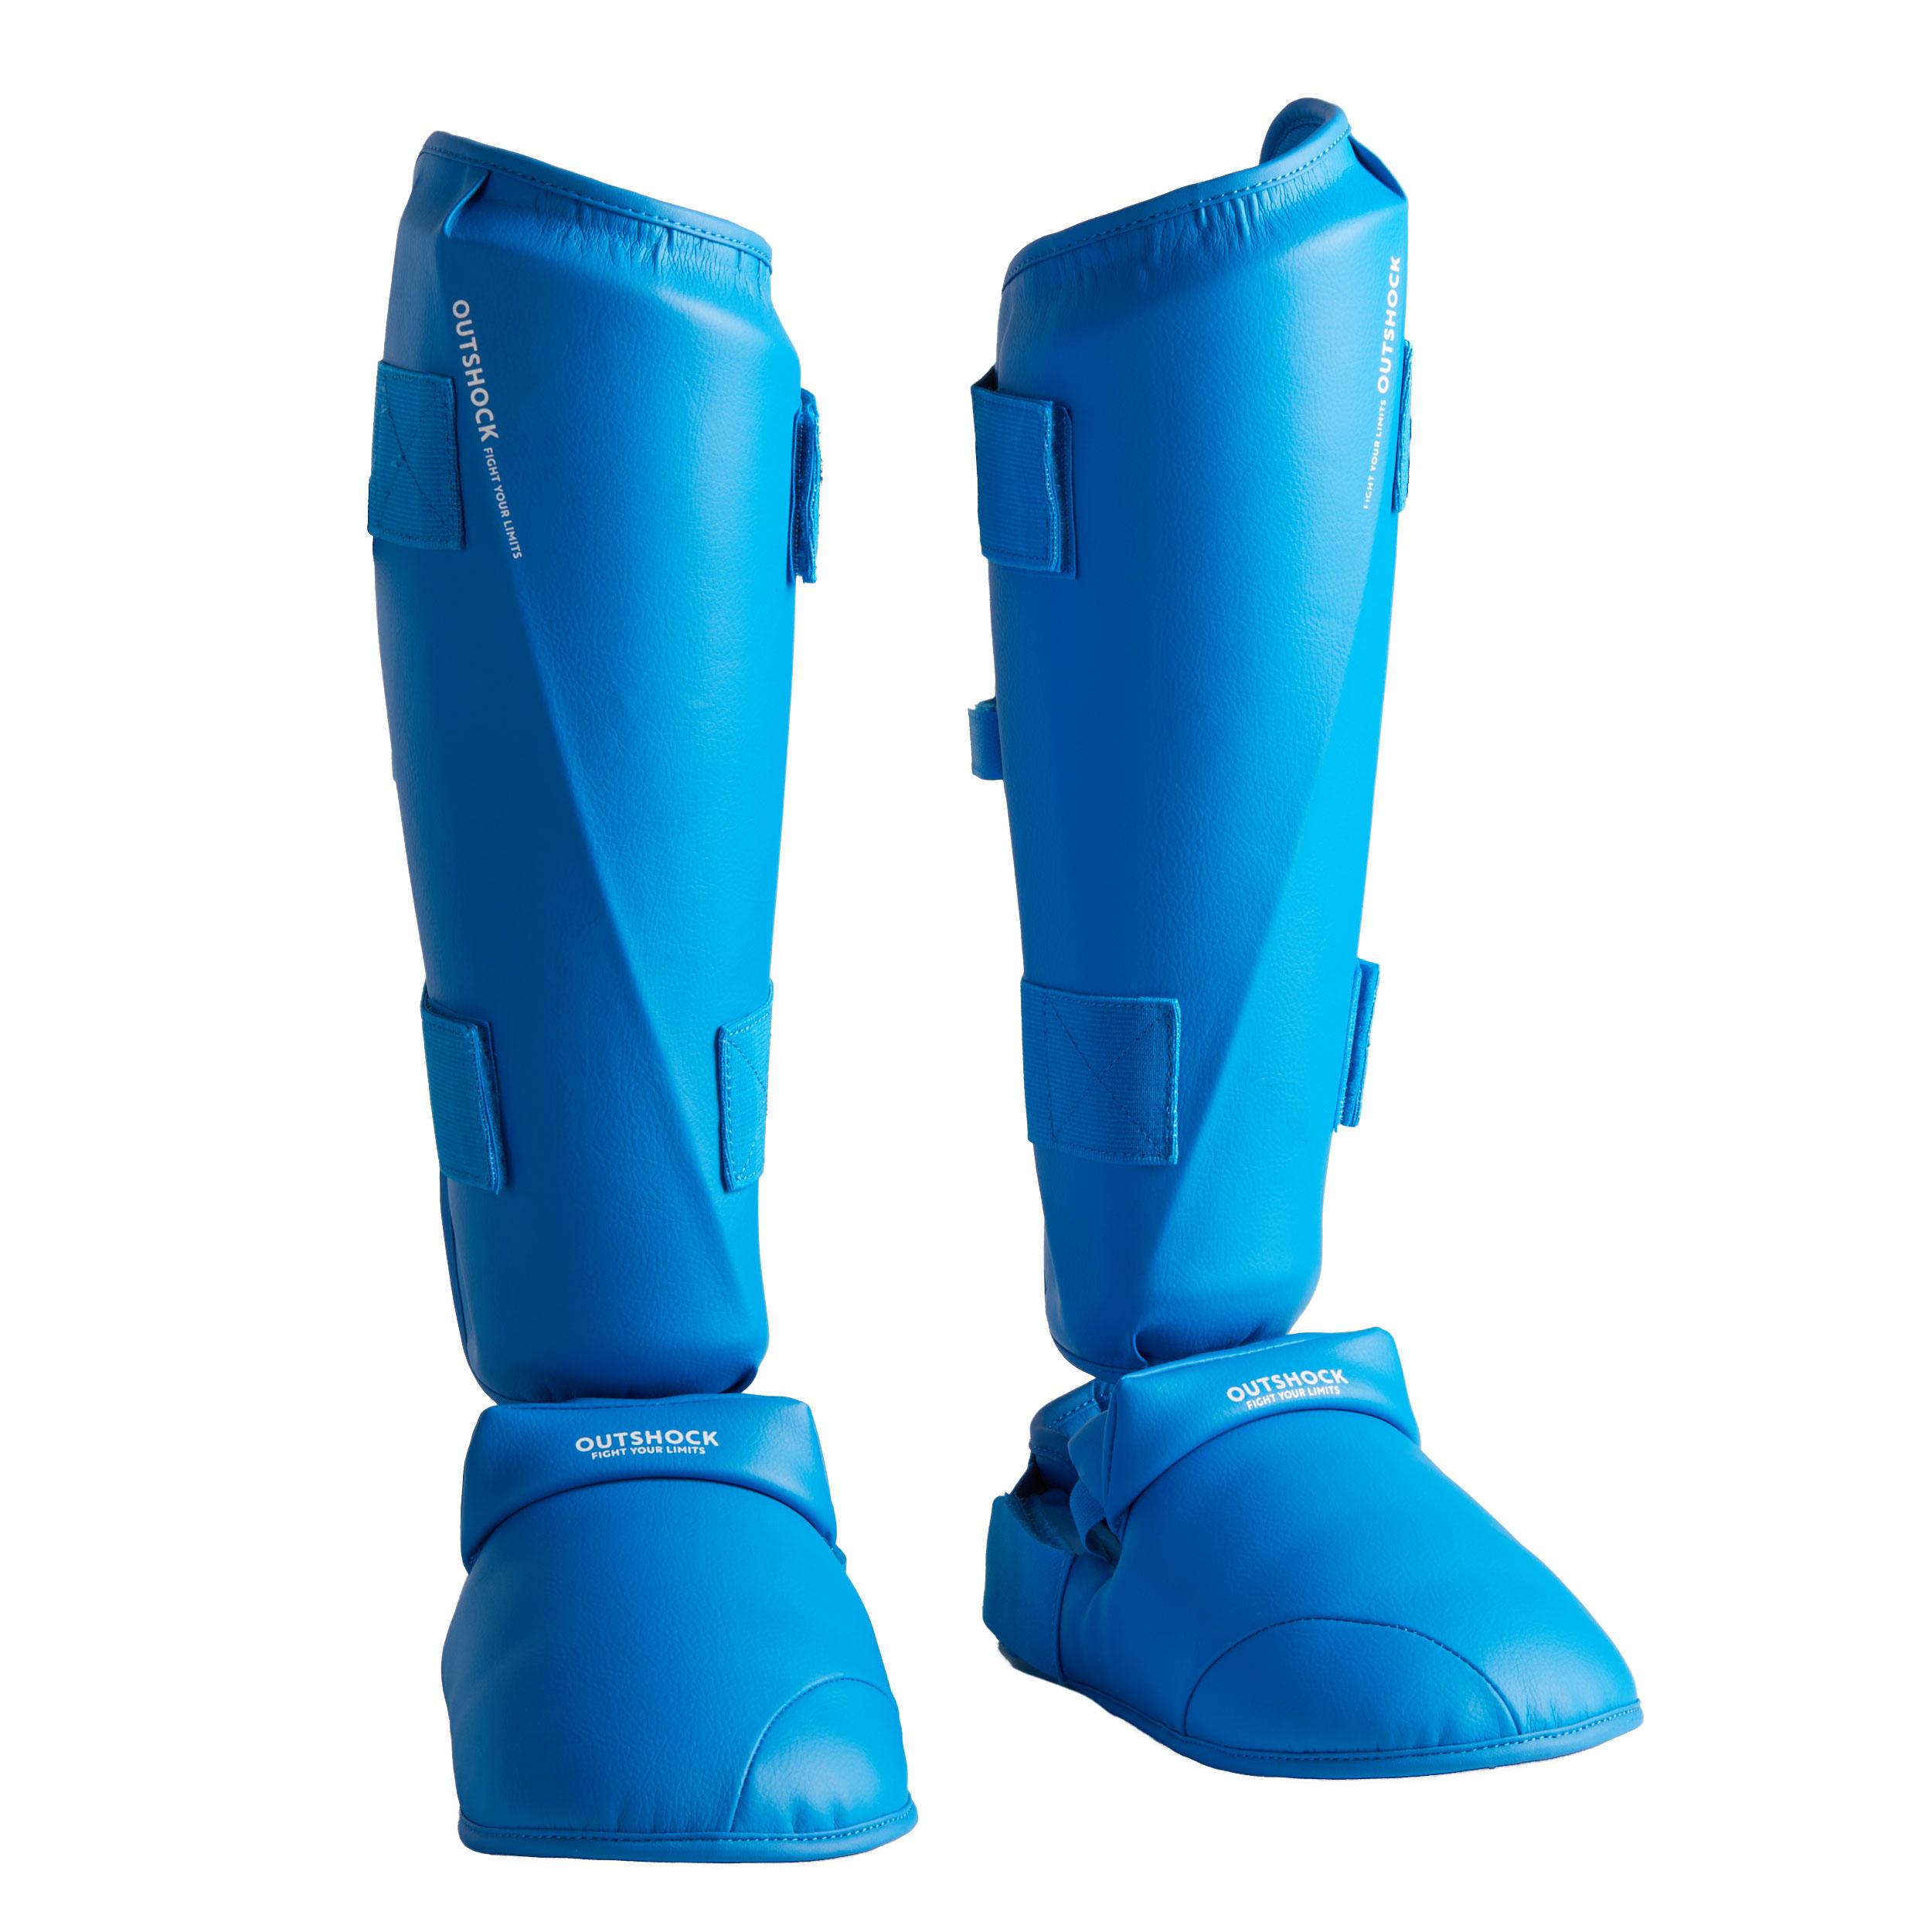 Protecţie Tibie și Picior imagine